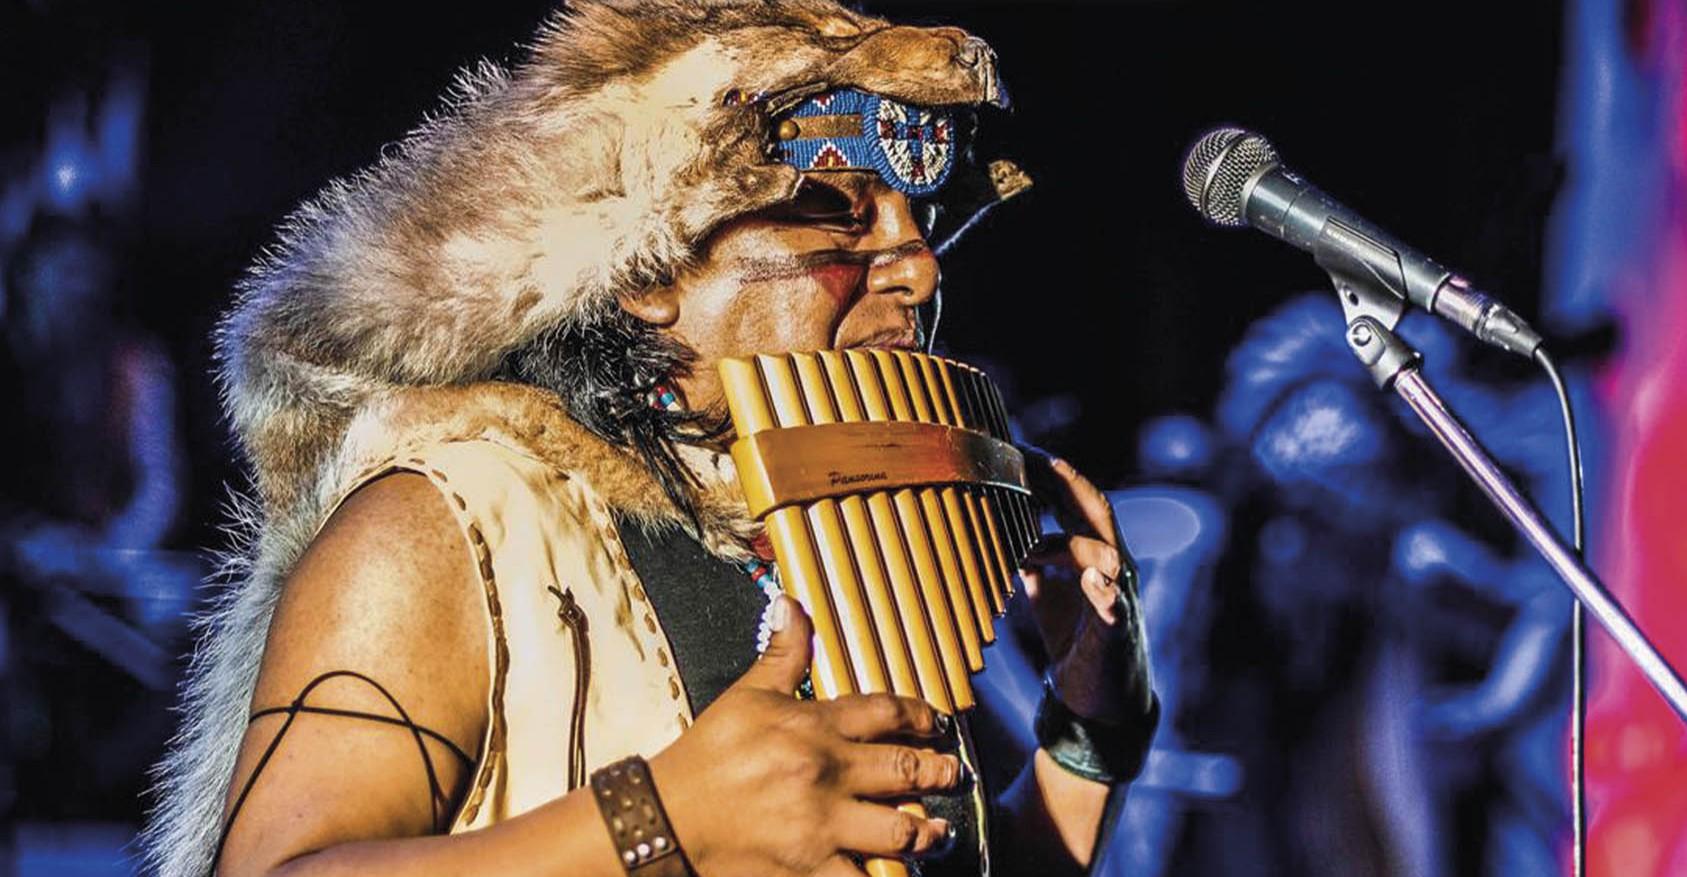 JAŚ WĘDROWNICZEK: Koncert zespołu EL SIKURI